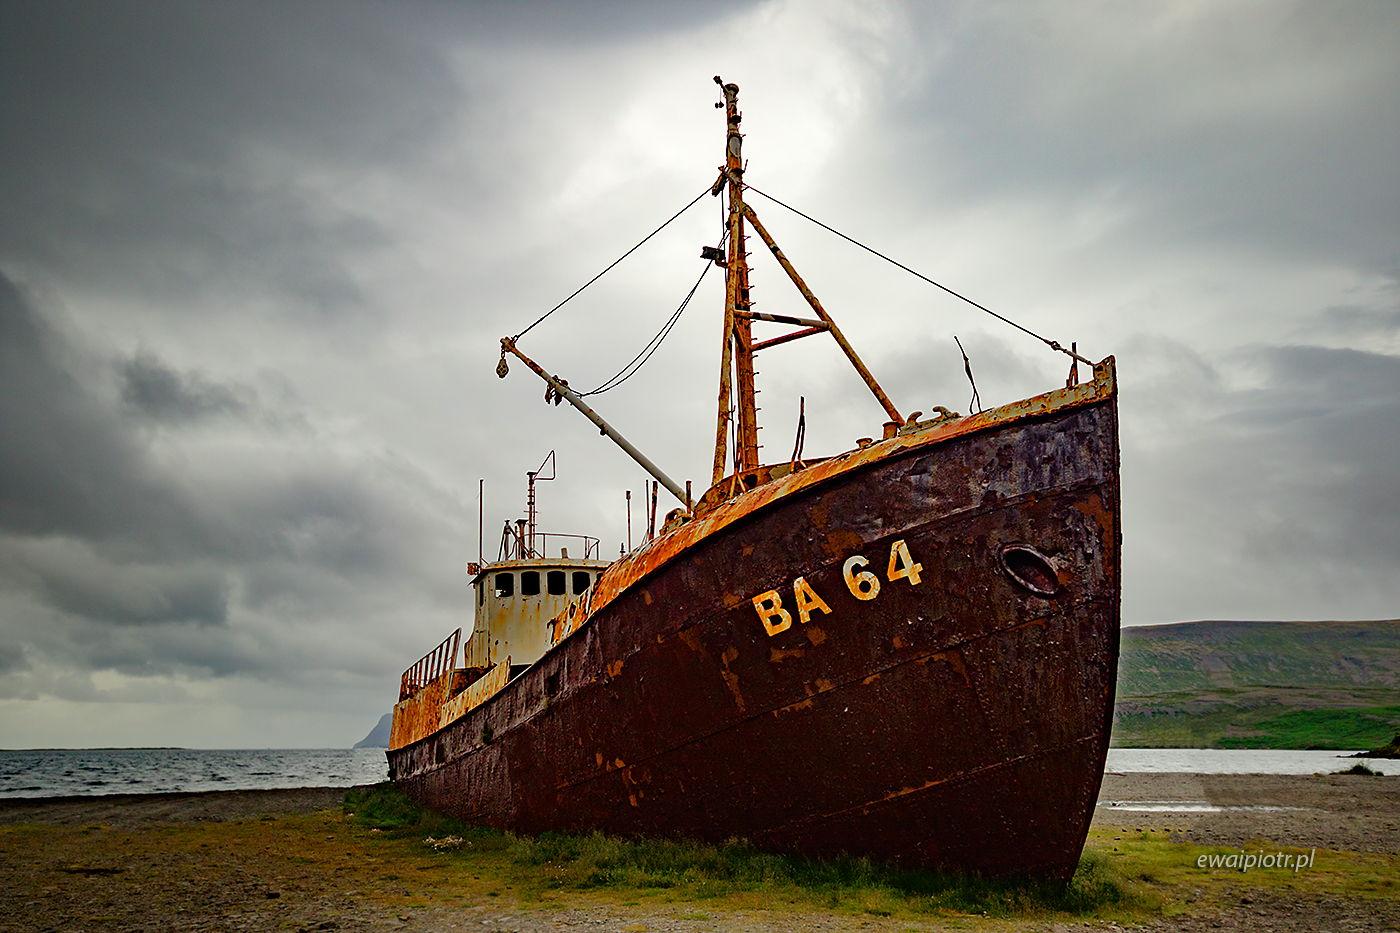 Wrak BA 64, Islandia, Fiordy Zachodnie, warsztaty fotograficzne